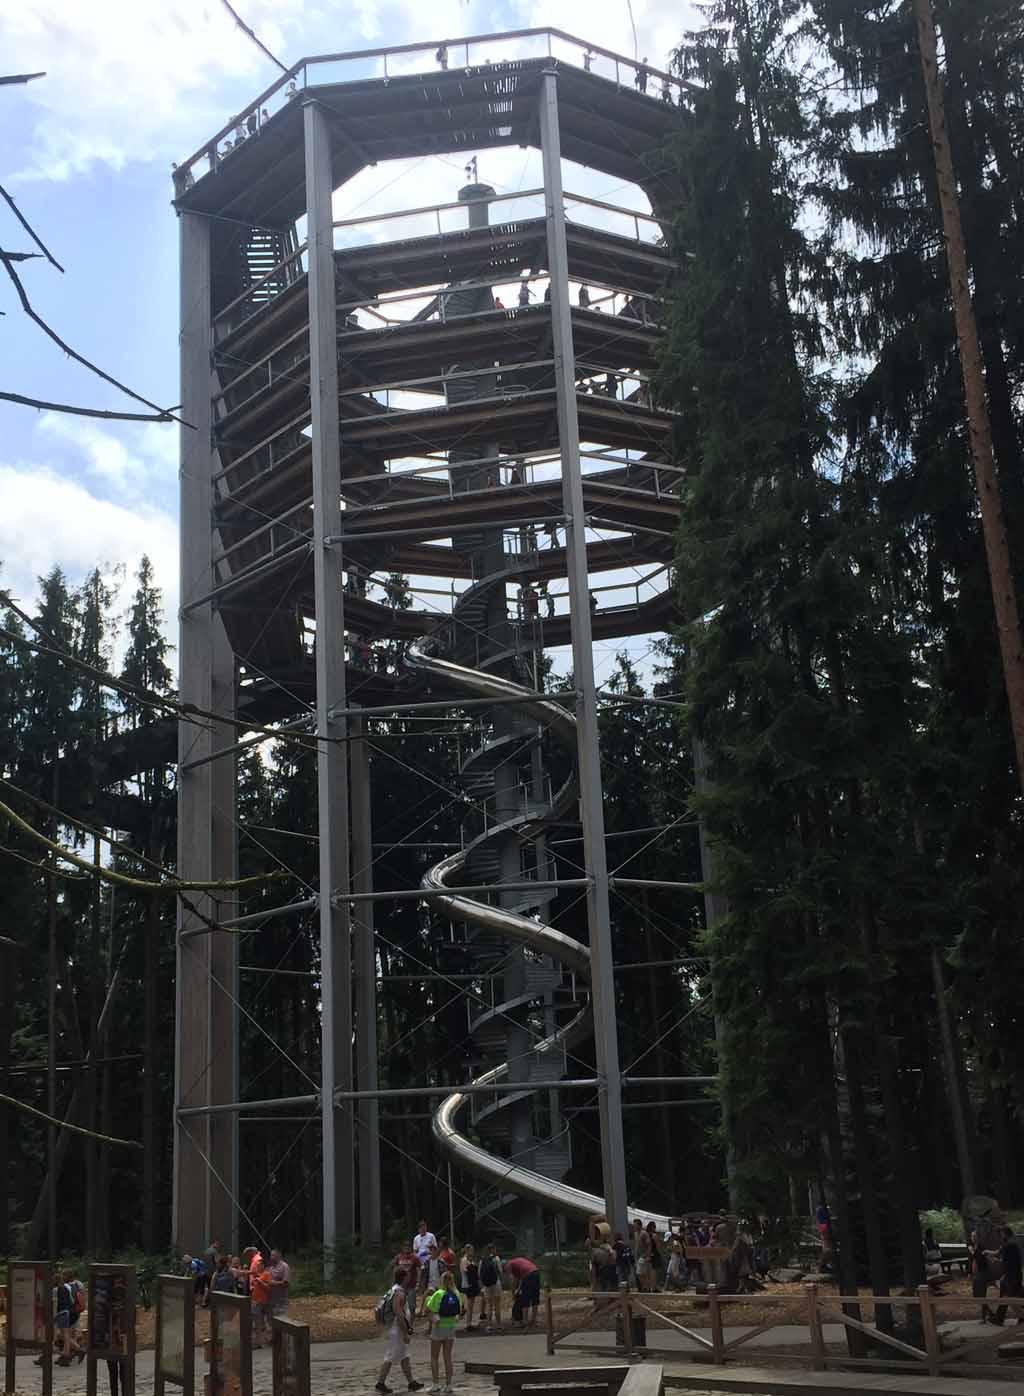 De toren en de glijbaan weer naar beneden.